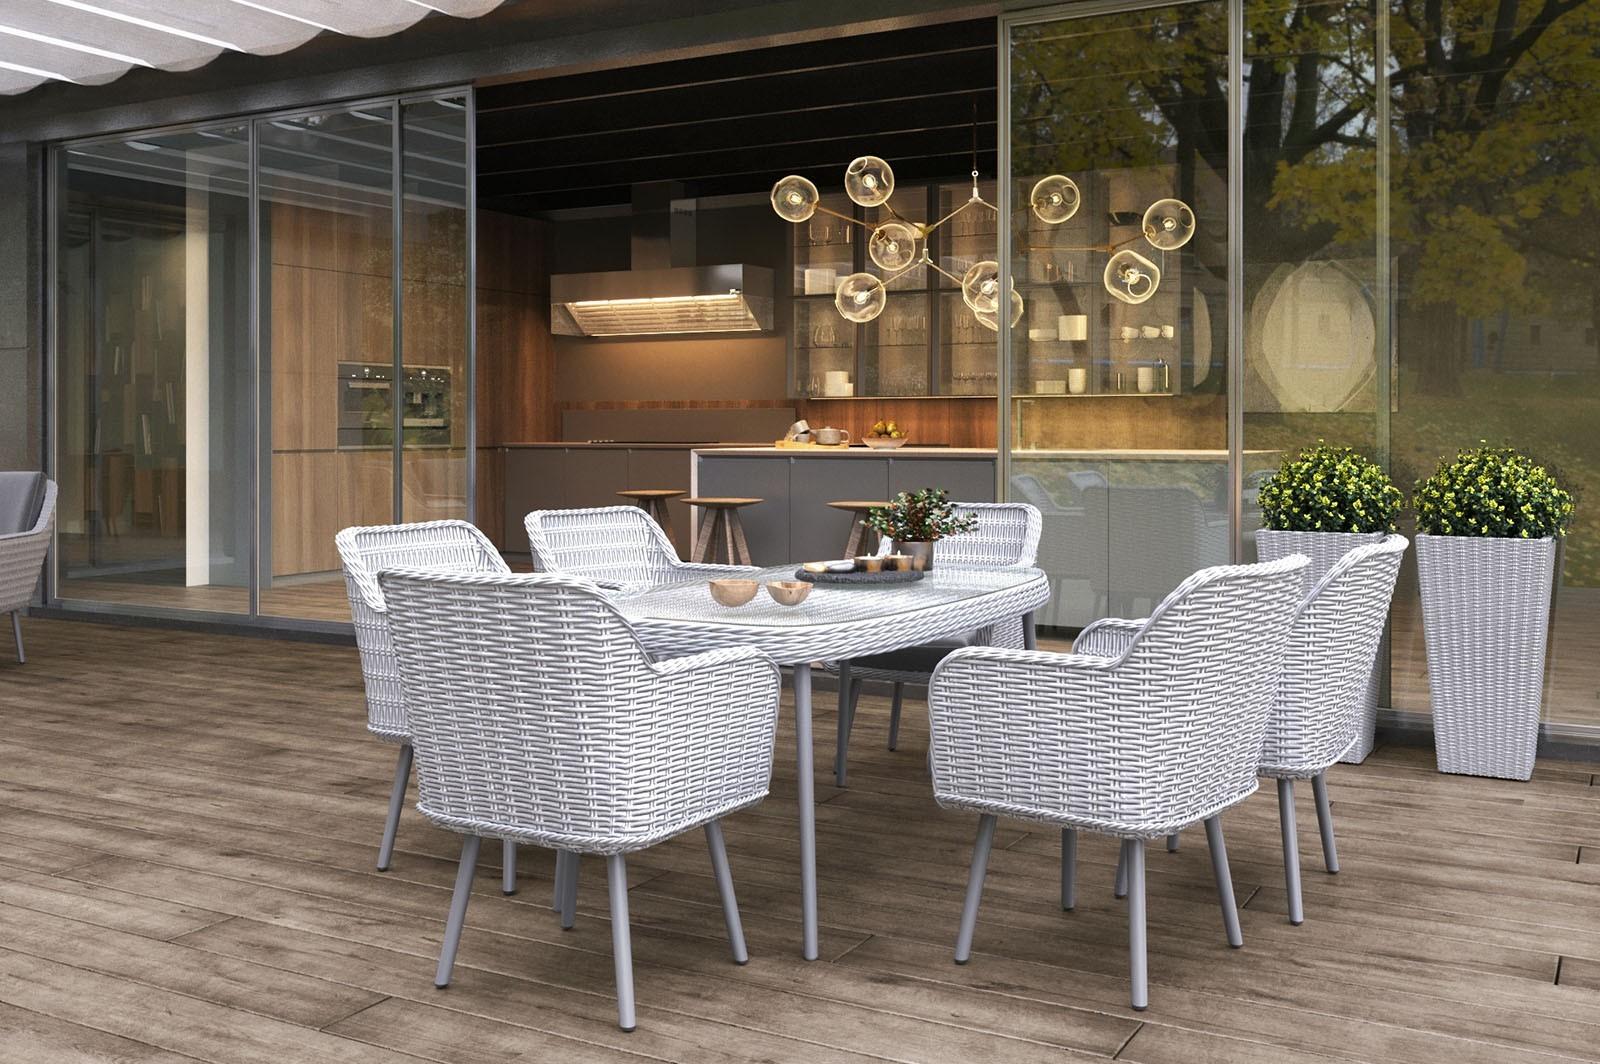 Stół z krzesłami do ogrodu – stwórz rodzinne centrum spotkań!